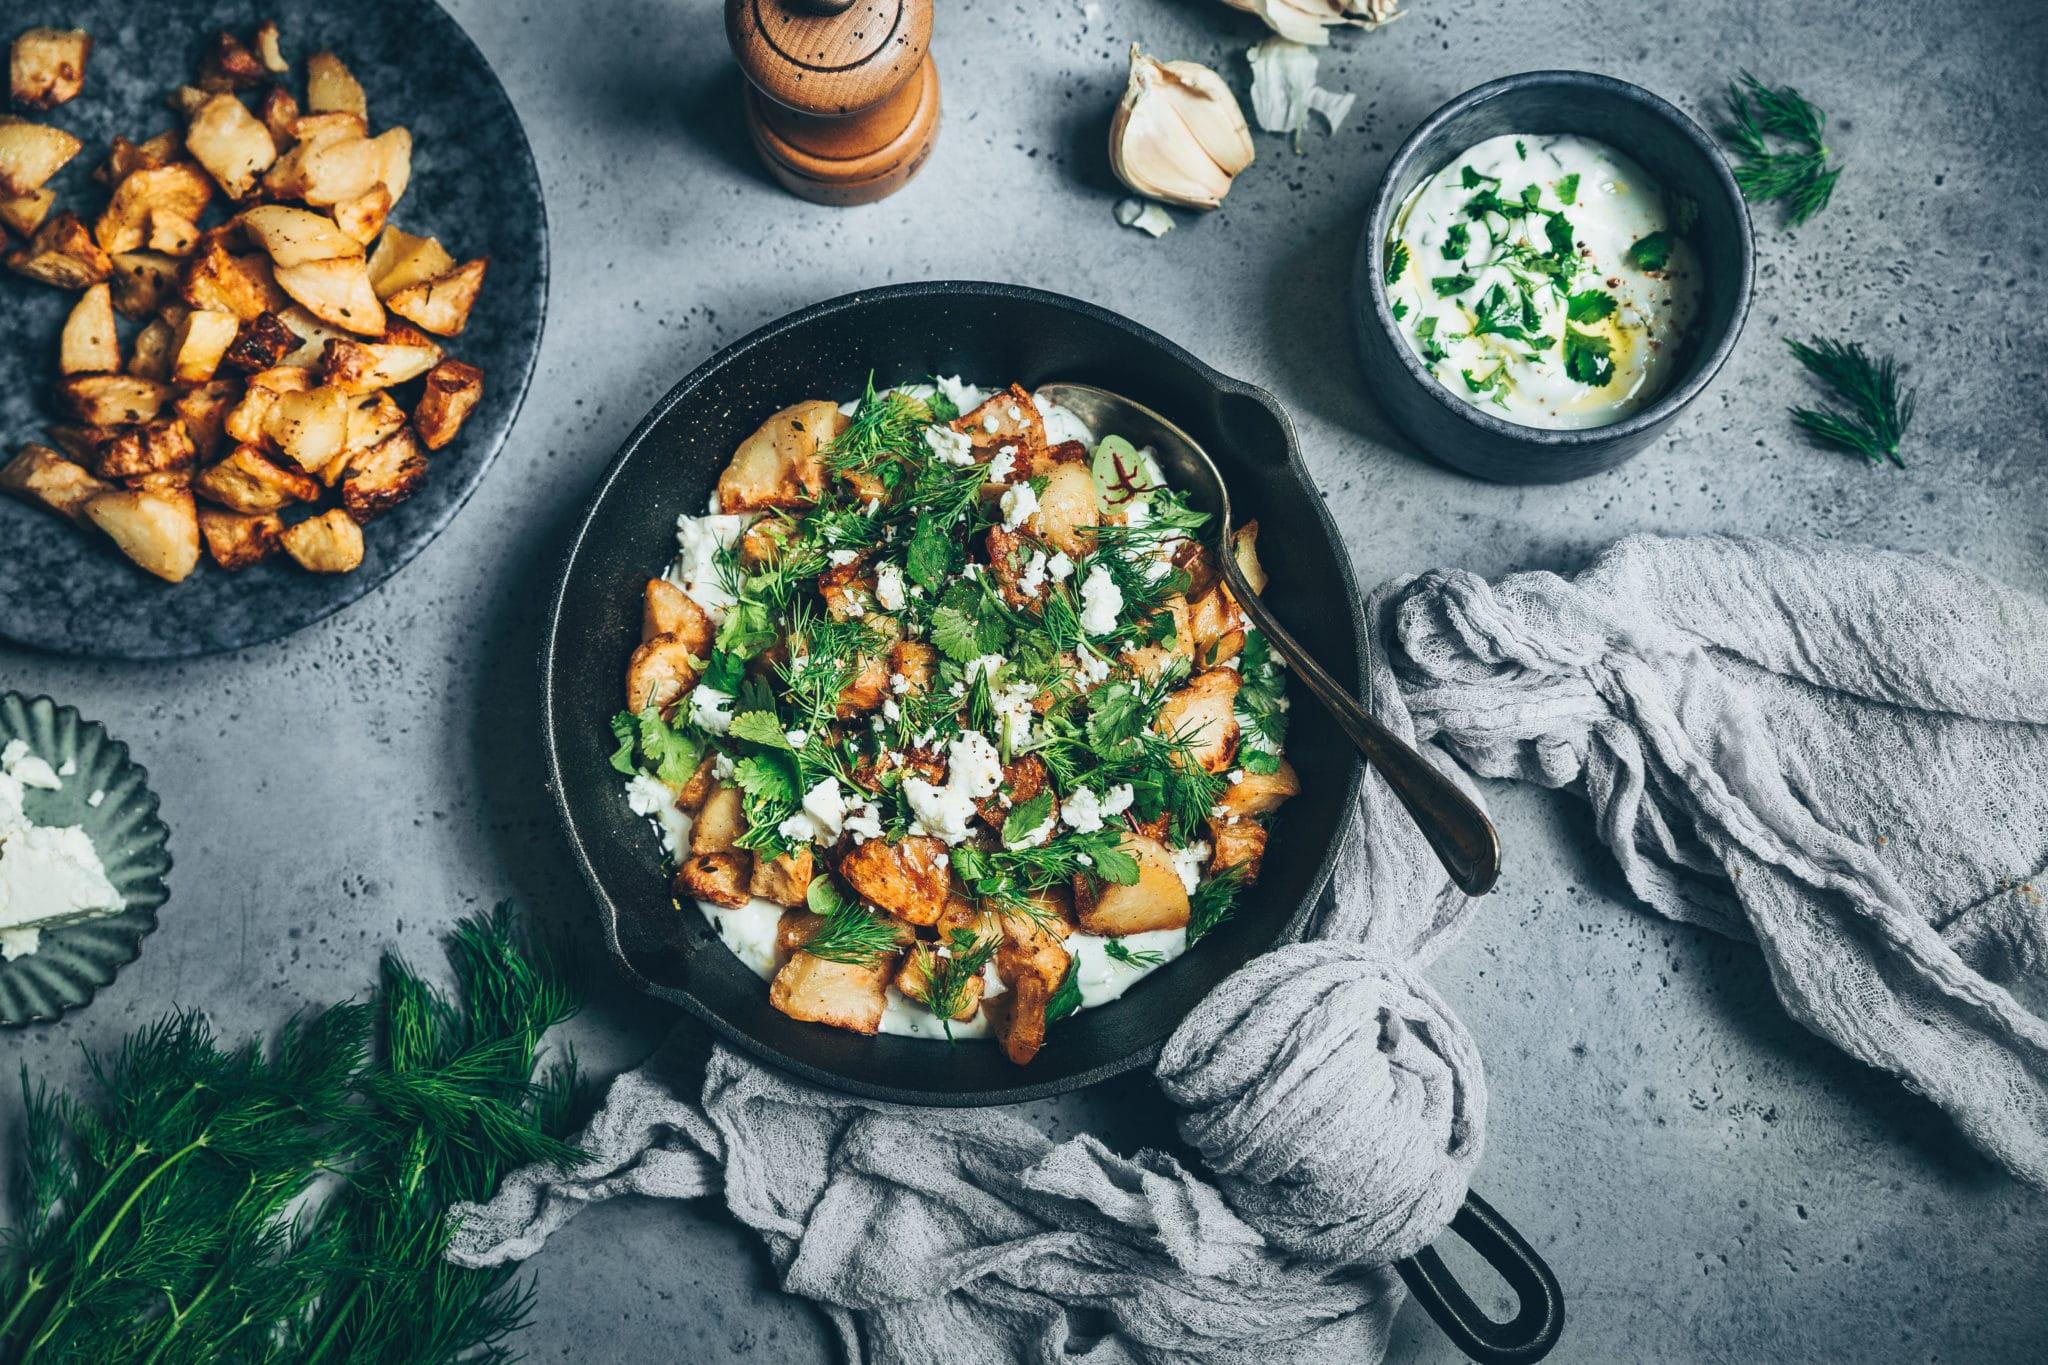 Salade de pommes de terre, feta et sauce yaourt